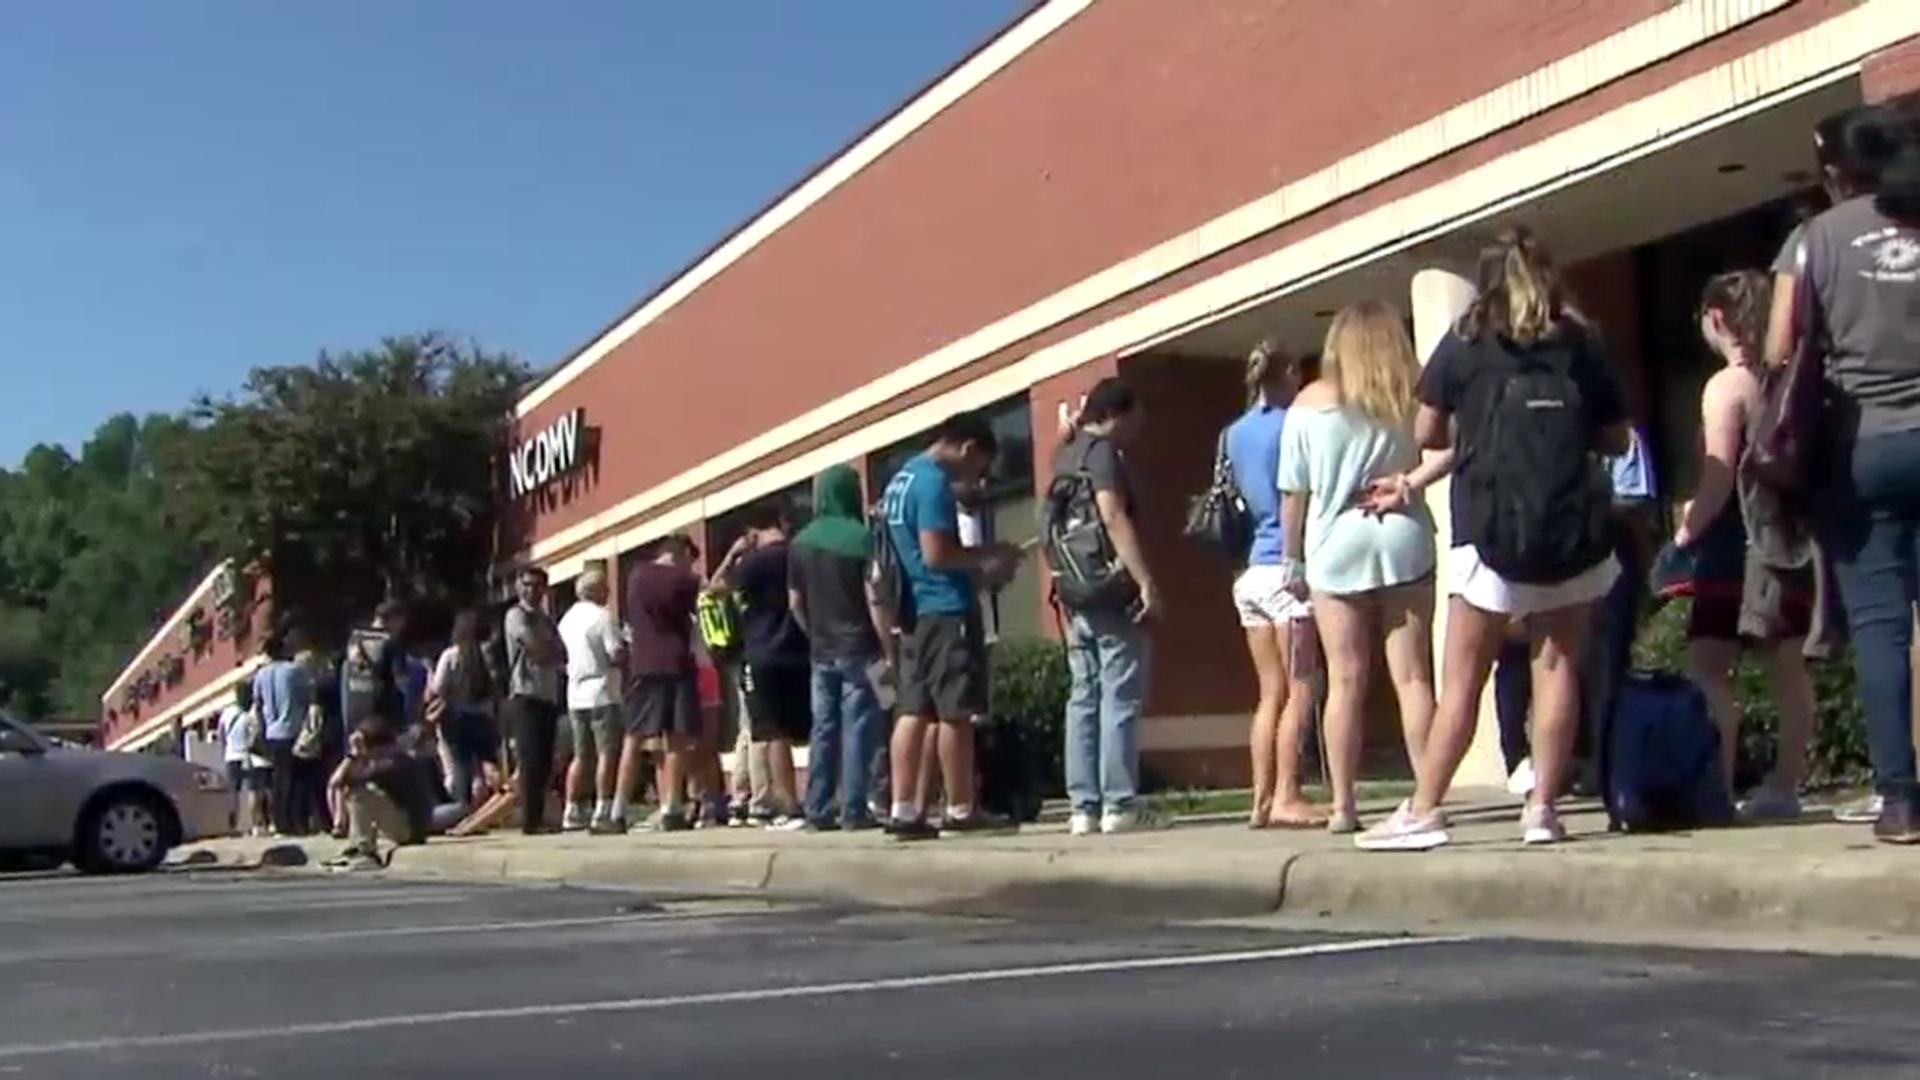 DMV chief promises changes to improve service, cut wait times :: WRAL.com